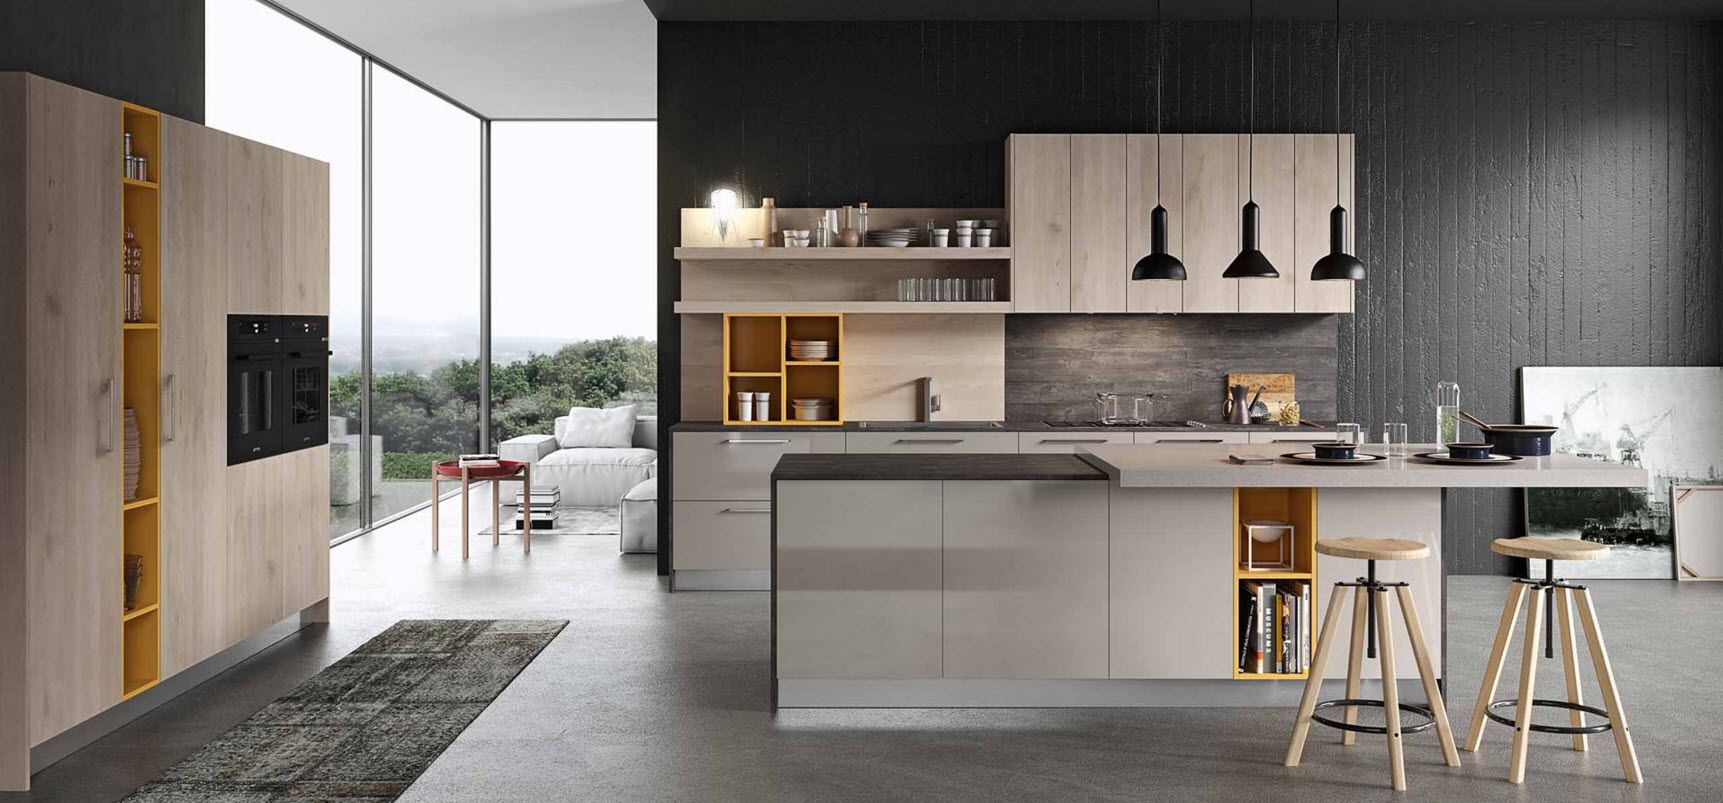 Ideas y dise o de cocinas modernas construye hogar for Casas con cocinas modernas